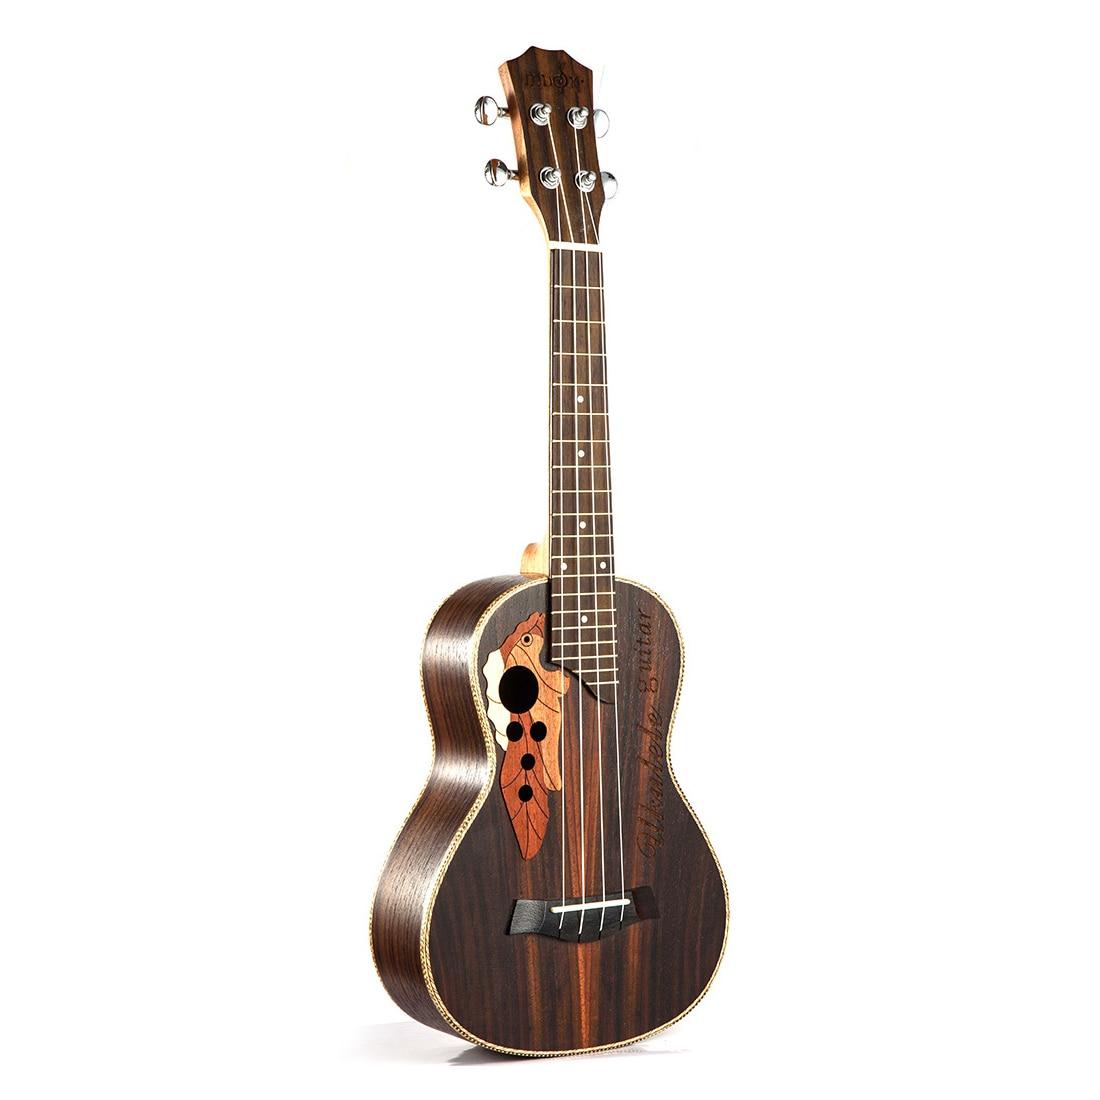 Ukulélé de Concert Soprano 23 pouces en bois de rose uku Ukelele avec 4 cordes mini Hawaii guitare Instruments de musique